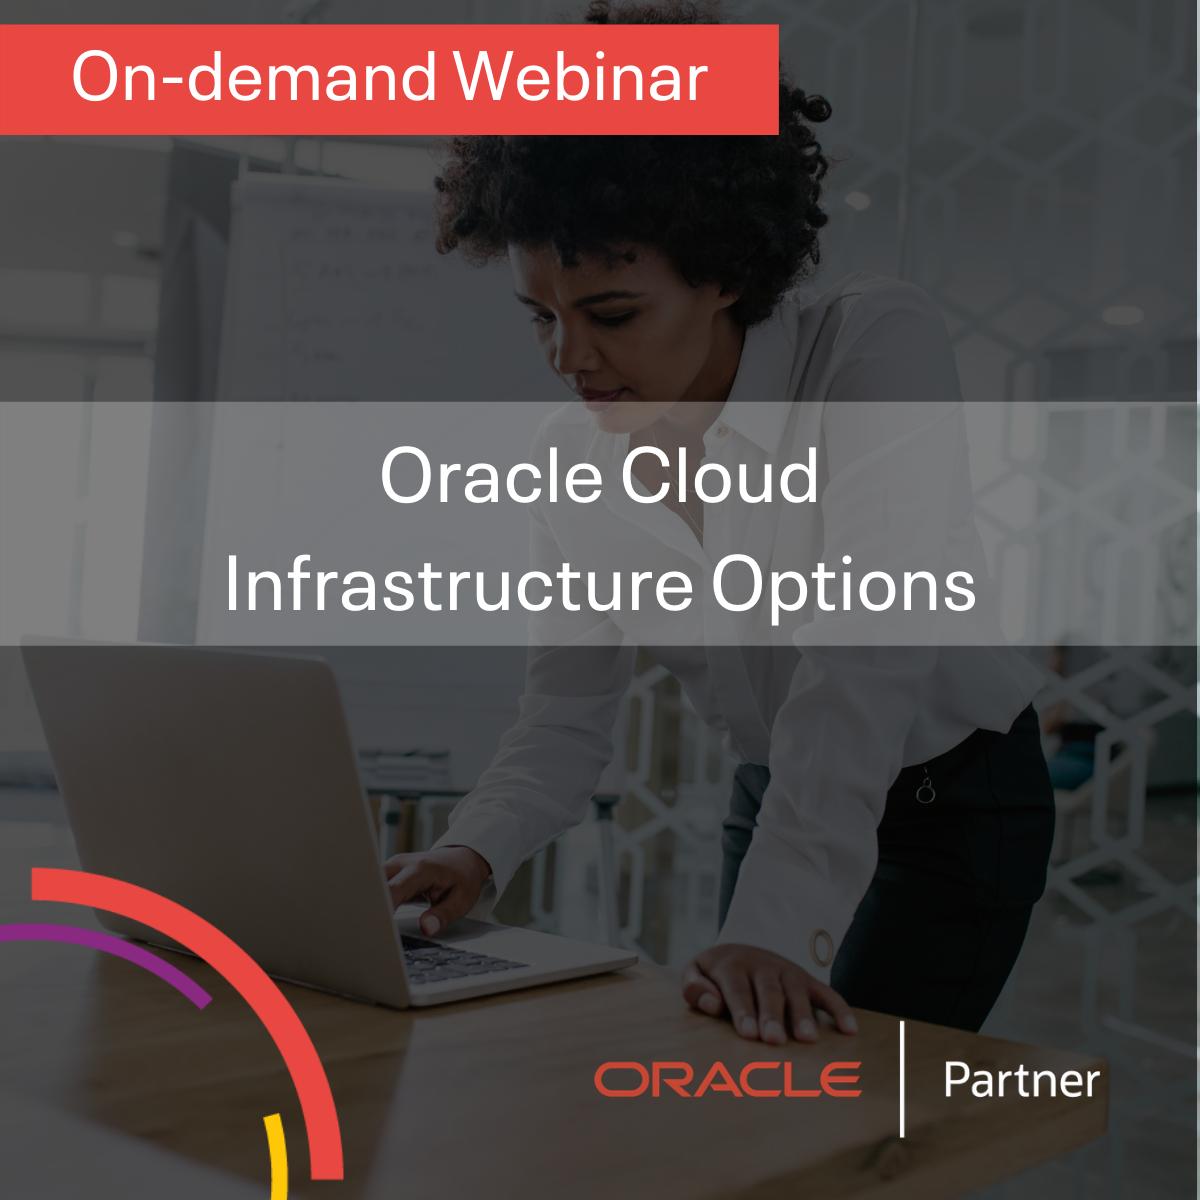 Oracle cloud infrastrucuture options